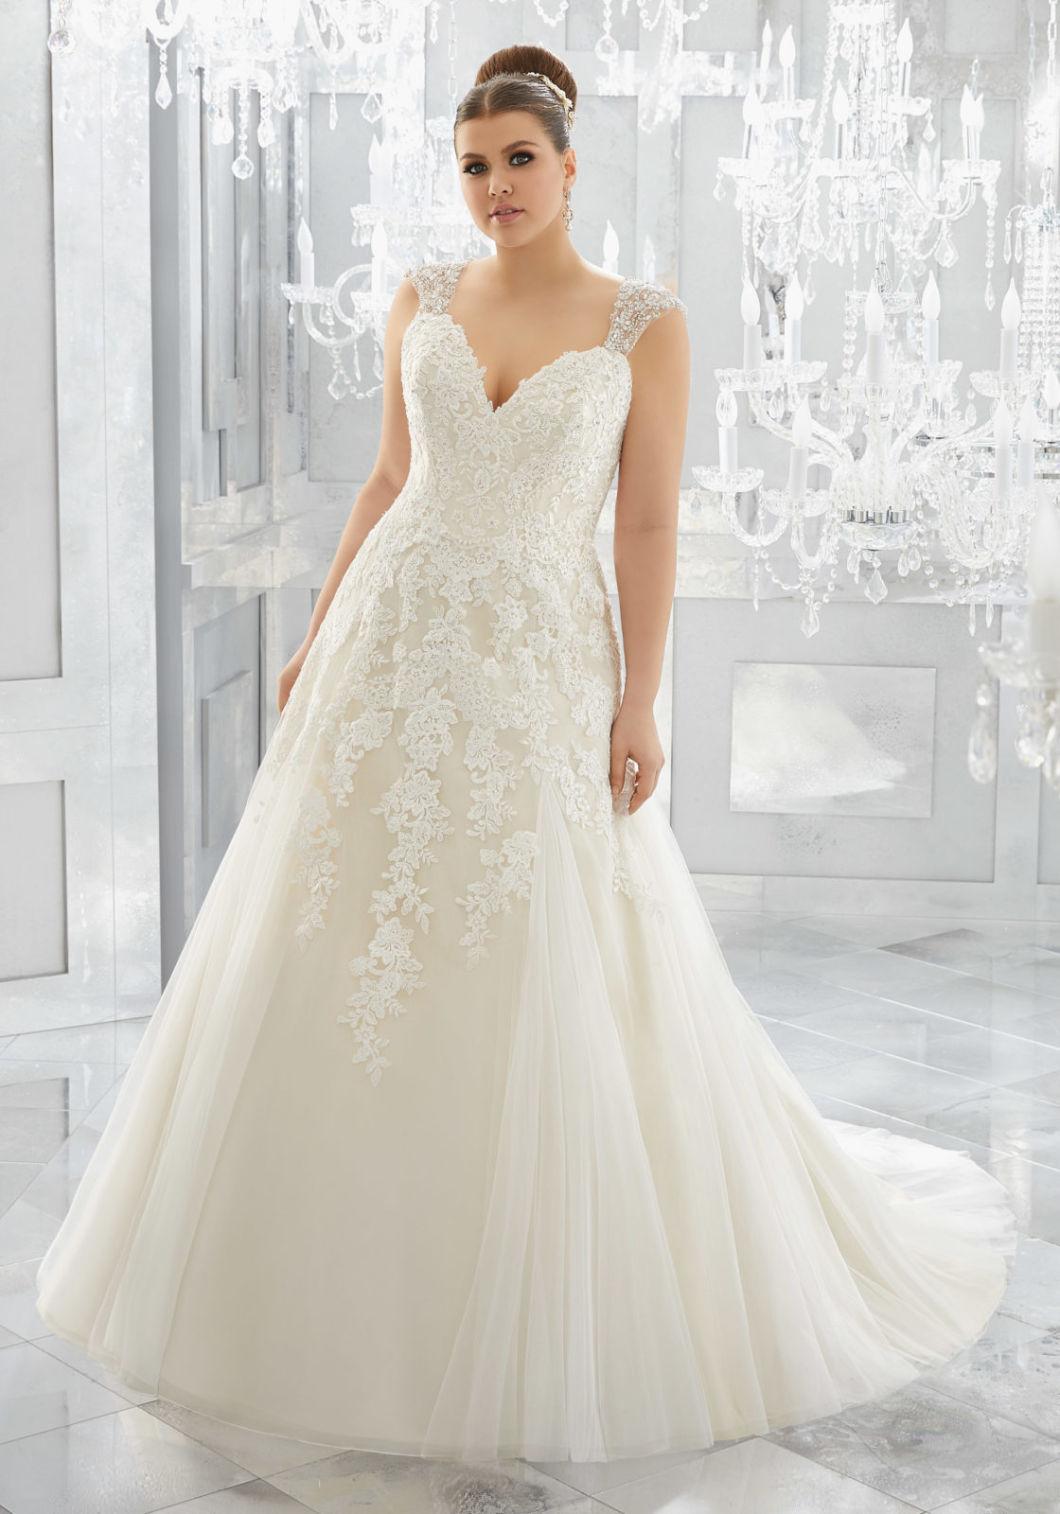 Lace Bridal Gowns Plus Size Tulle A-Line Wedding Dresses Z201612